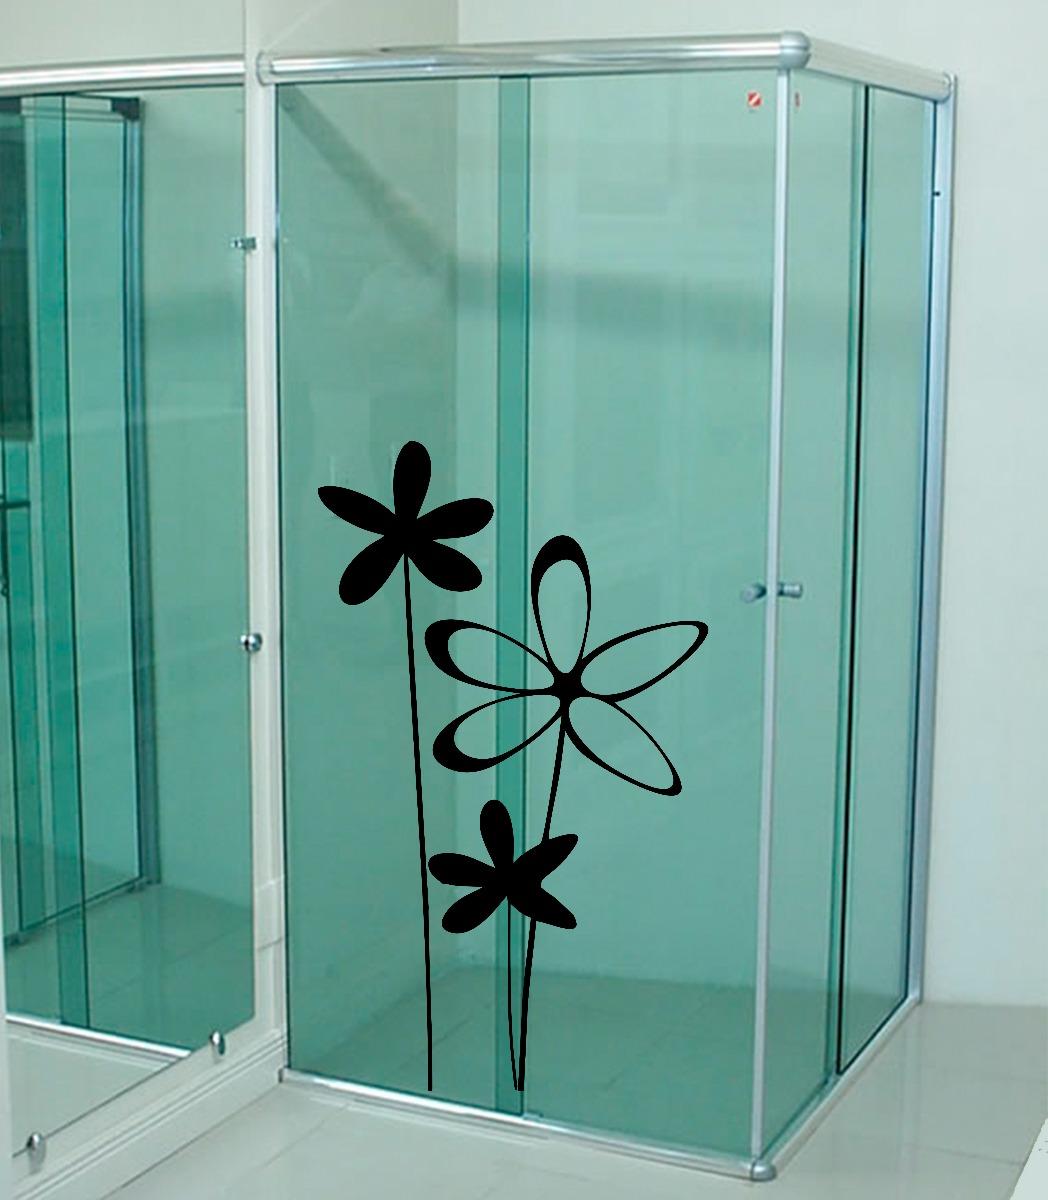 #205B50  Parede Box Vidro Banheiro Flor Floral R$ 21 99 em Mercado Livre 1048x1200 px papel de parede para banheiro mercado livre